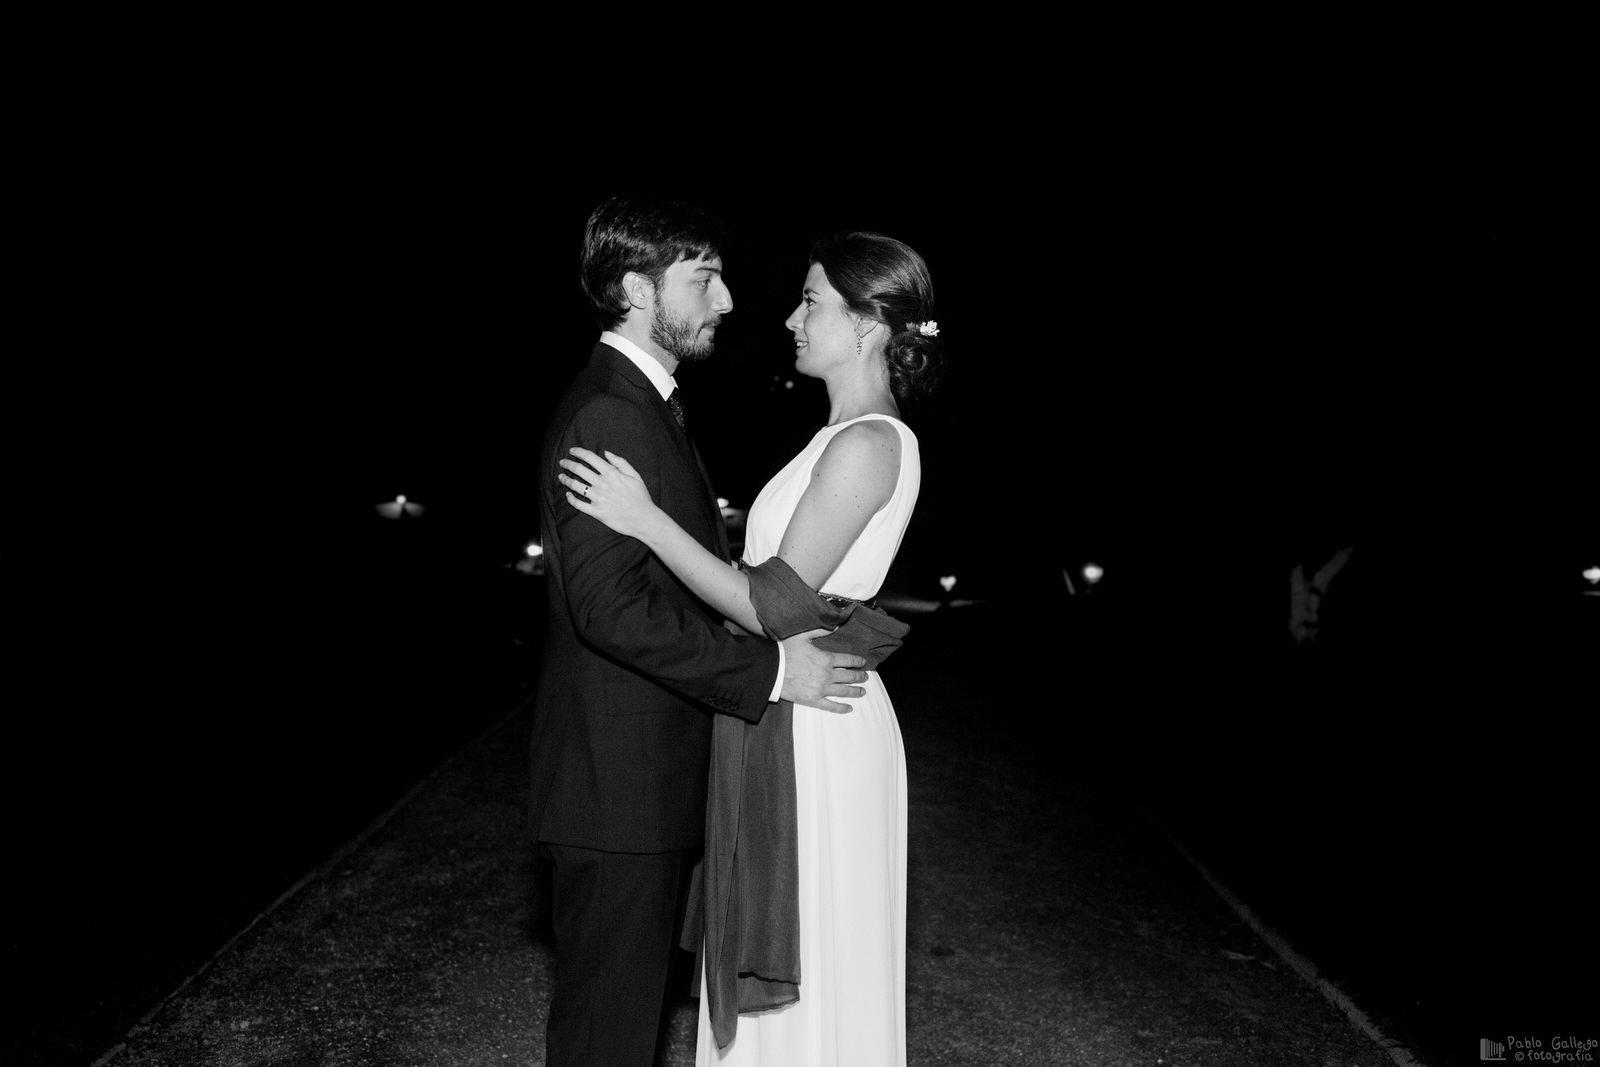 boda-andres-marta-pablo-gallego-fotografia-24